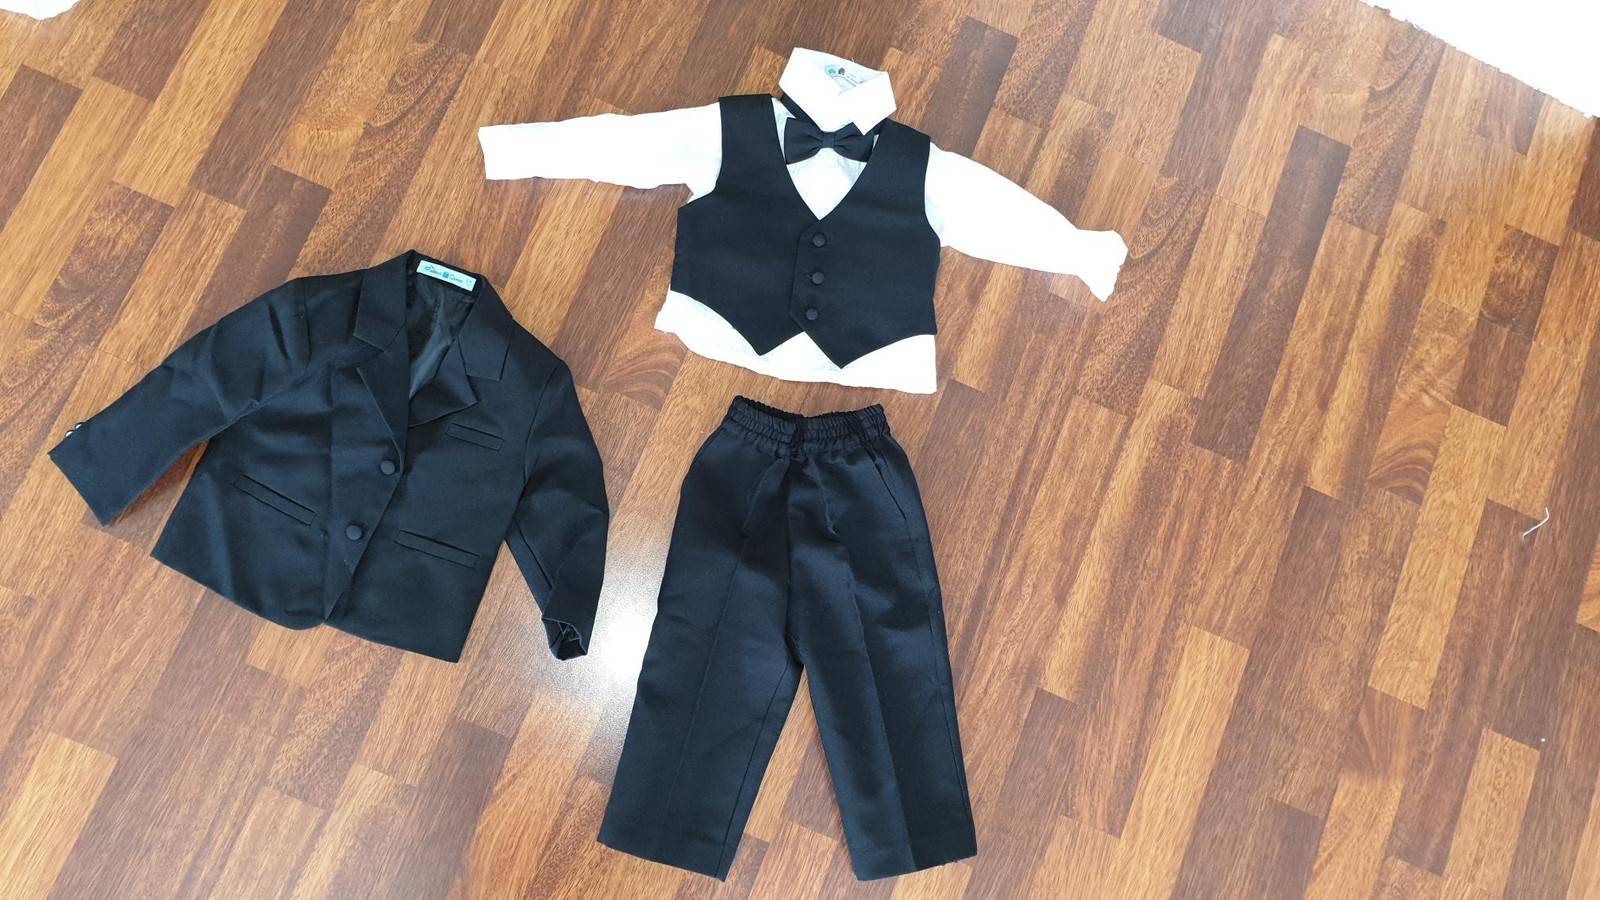 8292a233 Ny komplett svart dress i str 1 - 2 år (1/10)